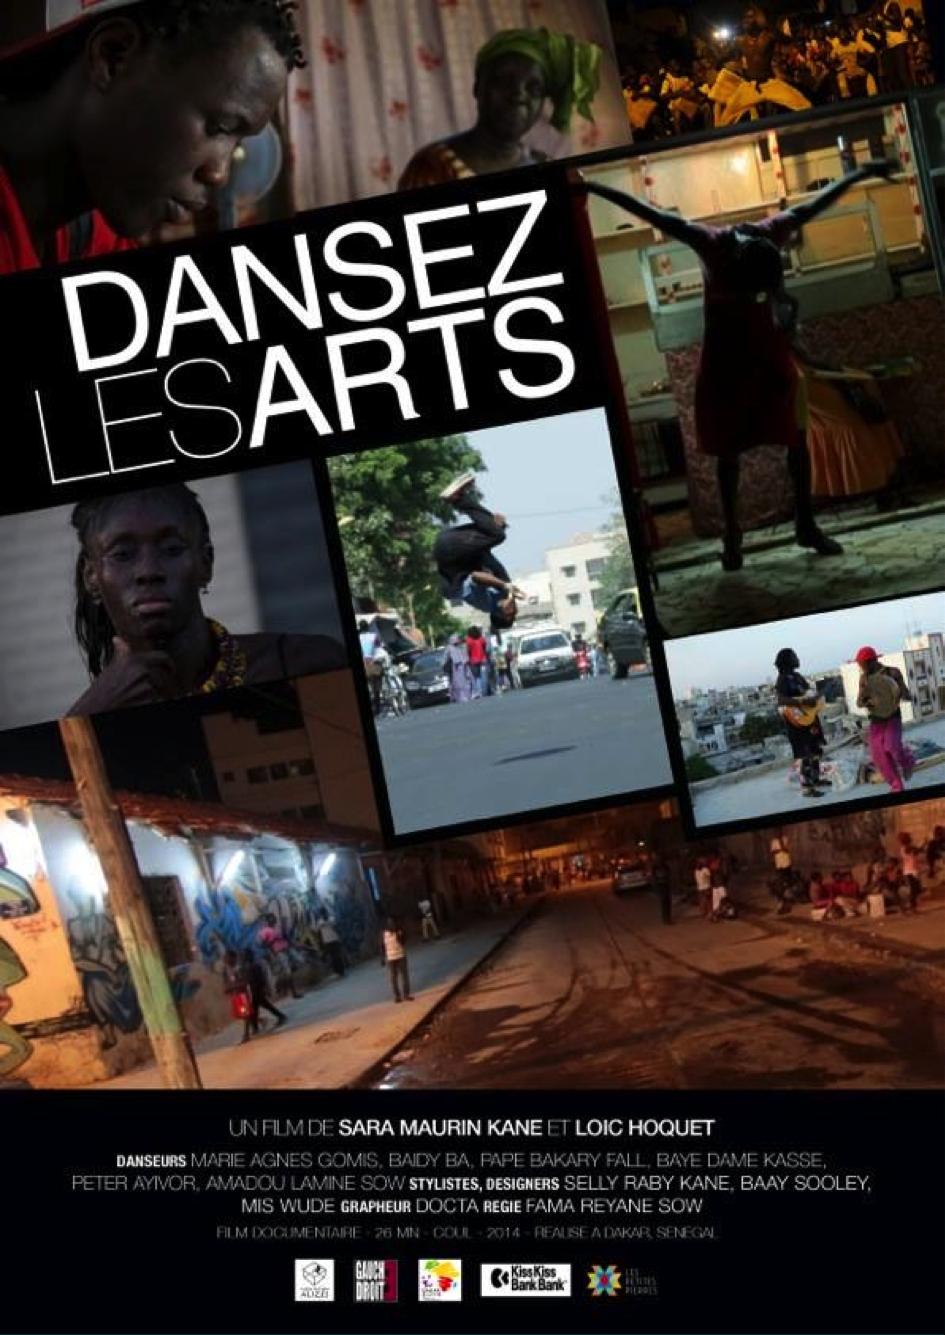 Dansez les arts